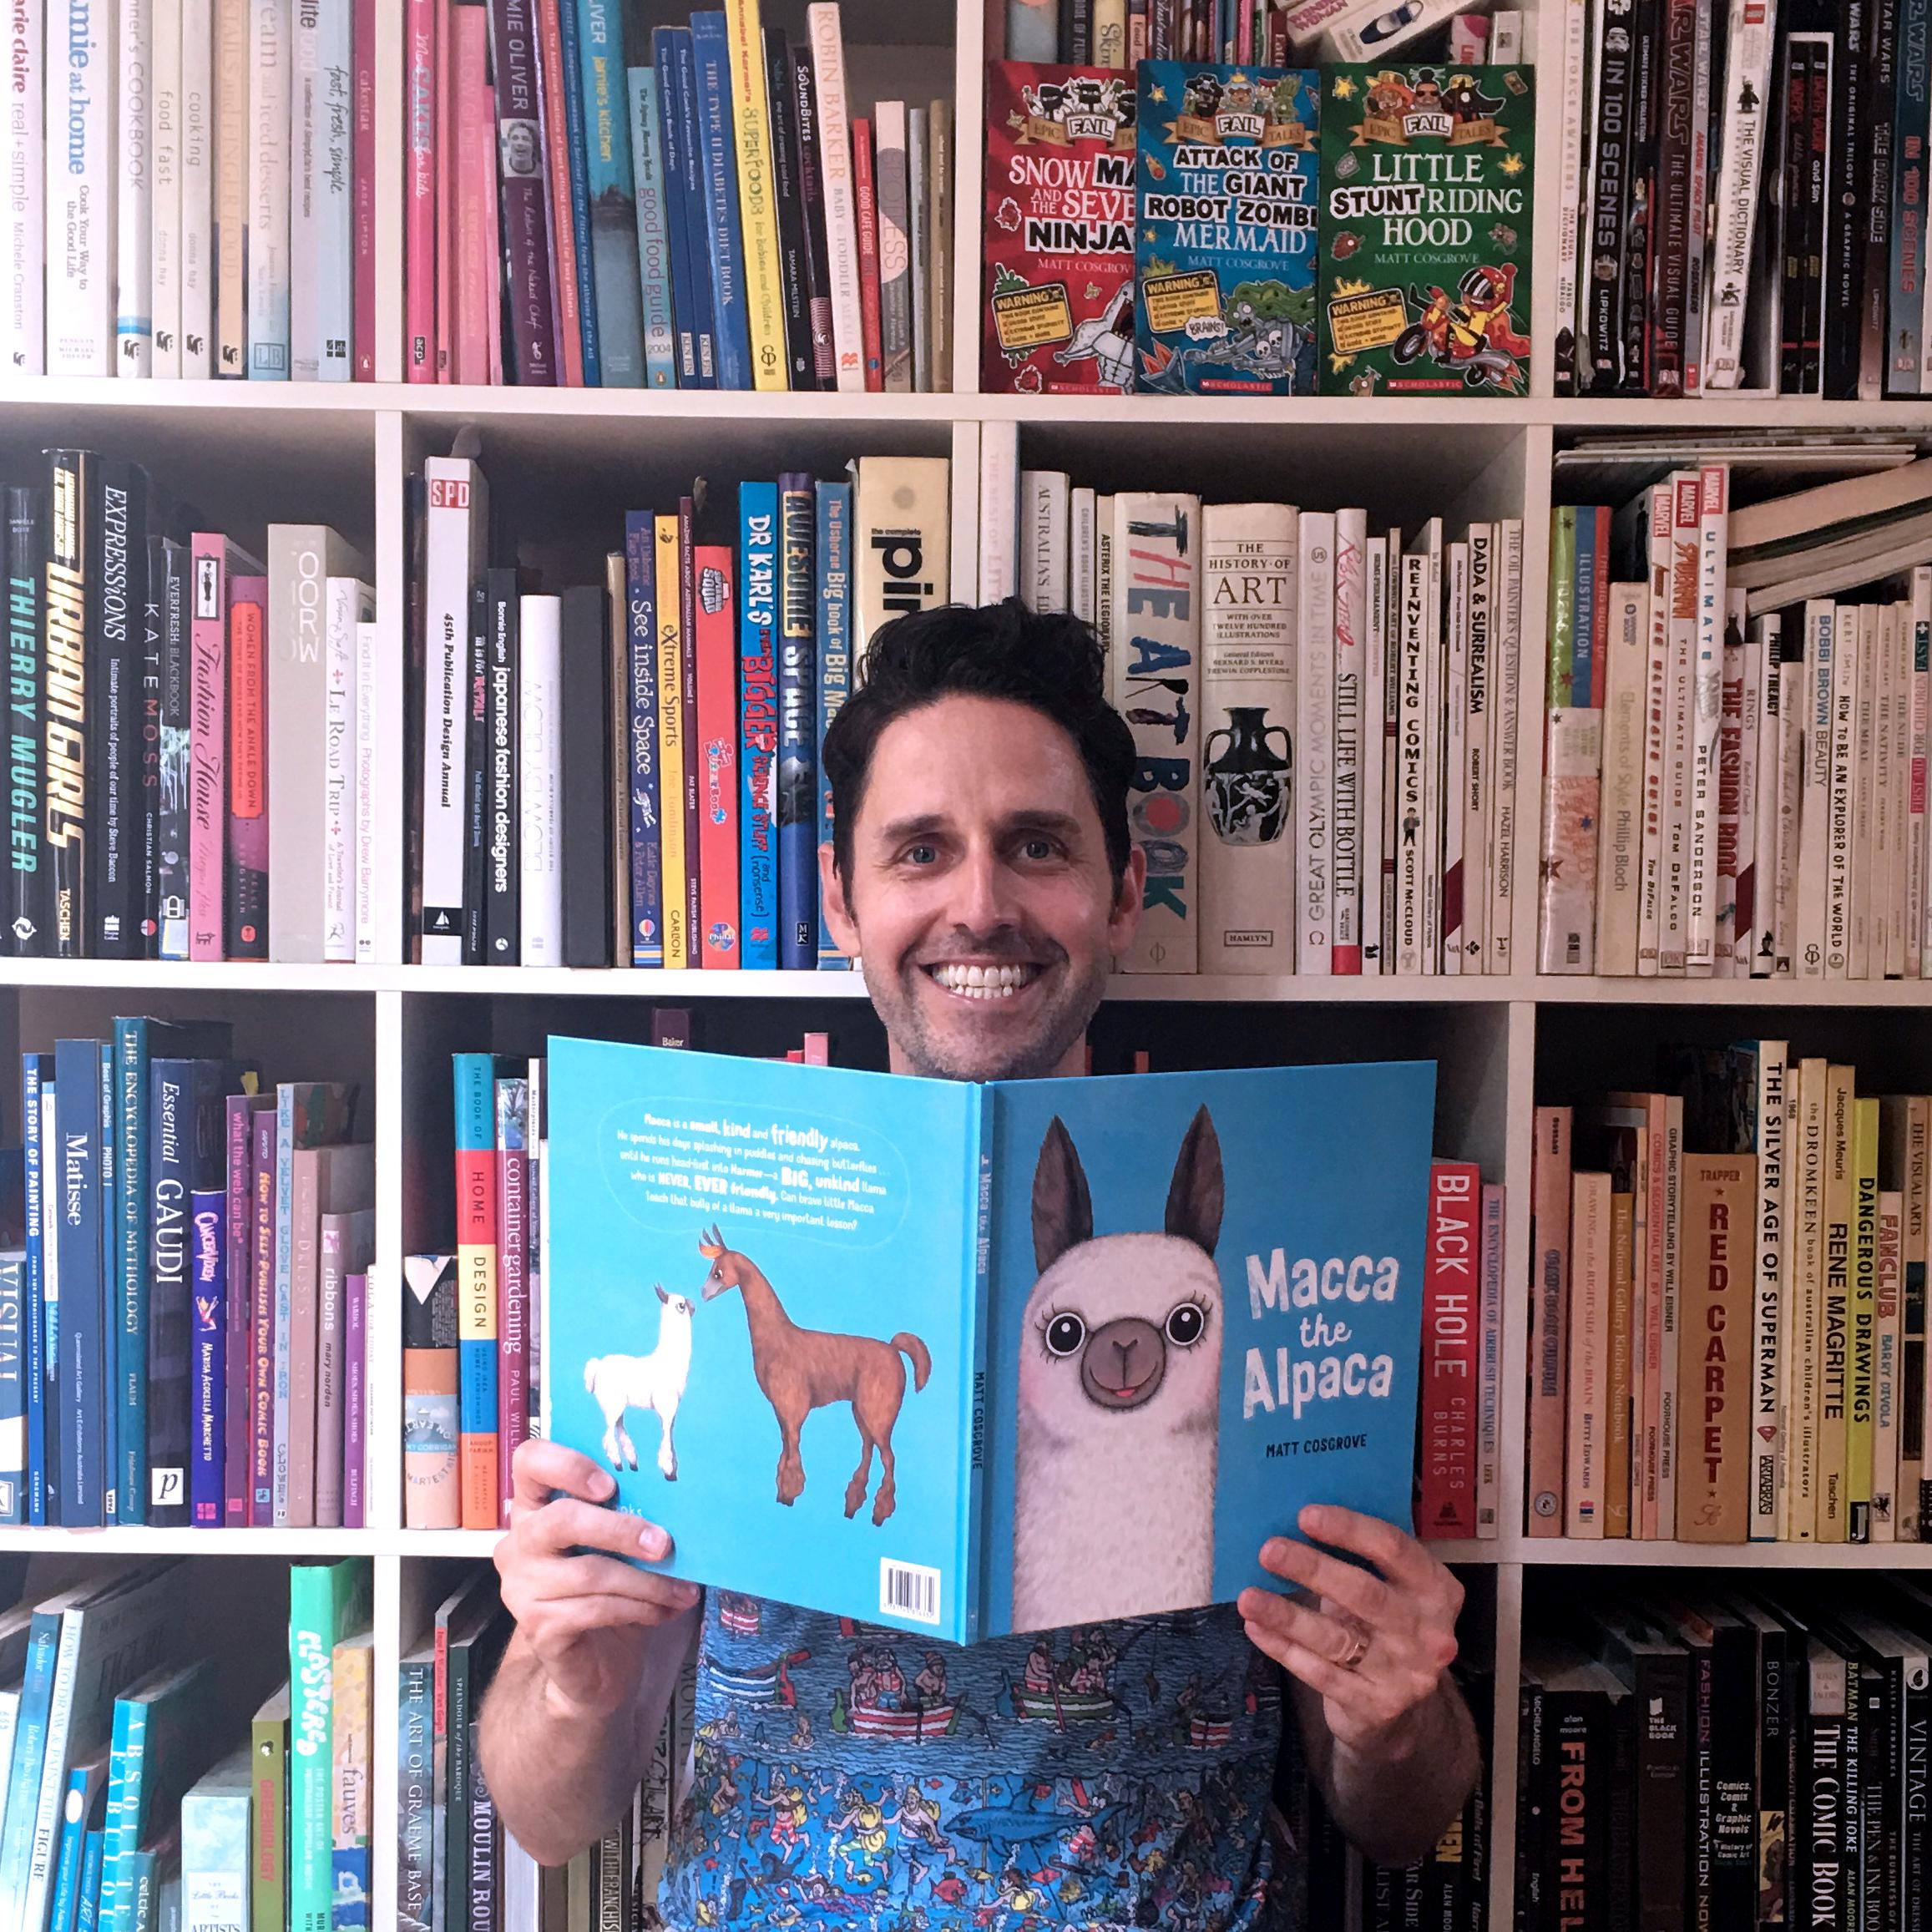 Author & Illustrator - Matt Cosgrove